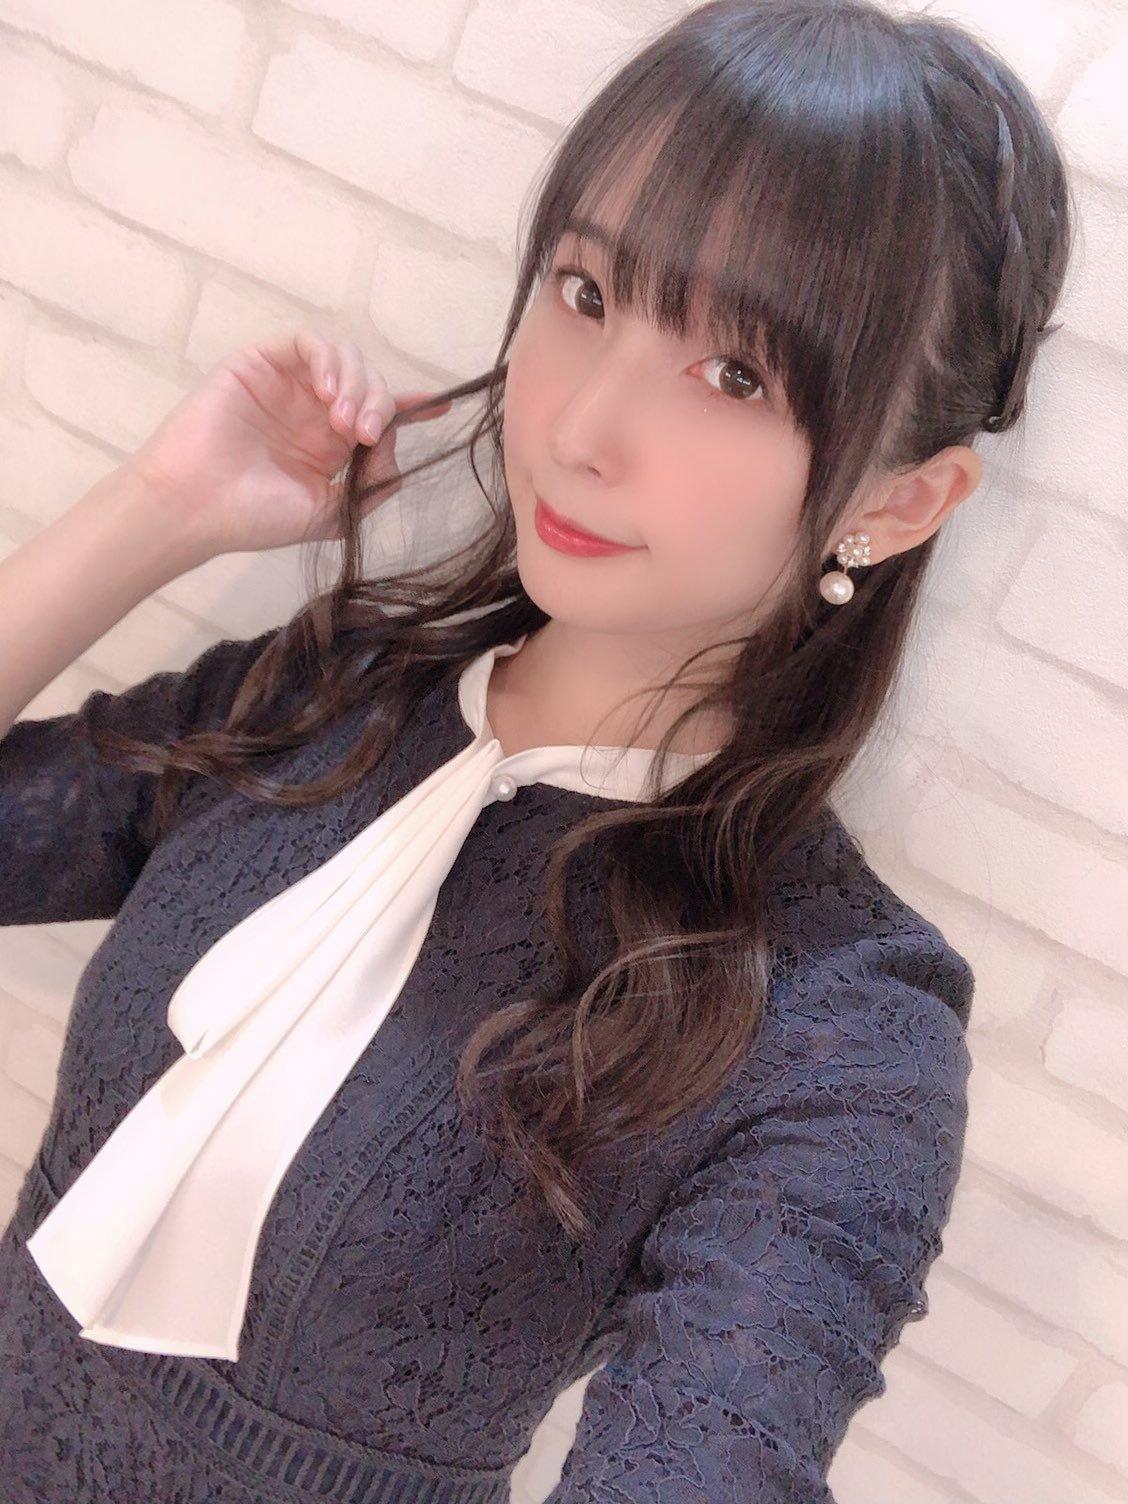 kawasaki__aya 1233645090855239695_p0